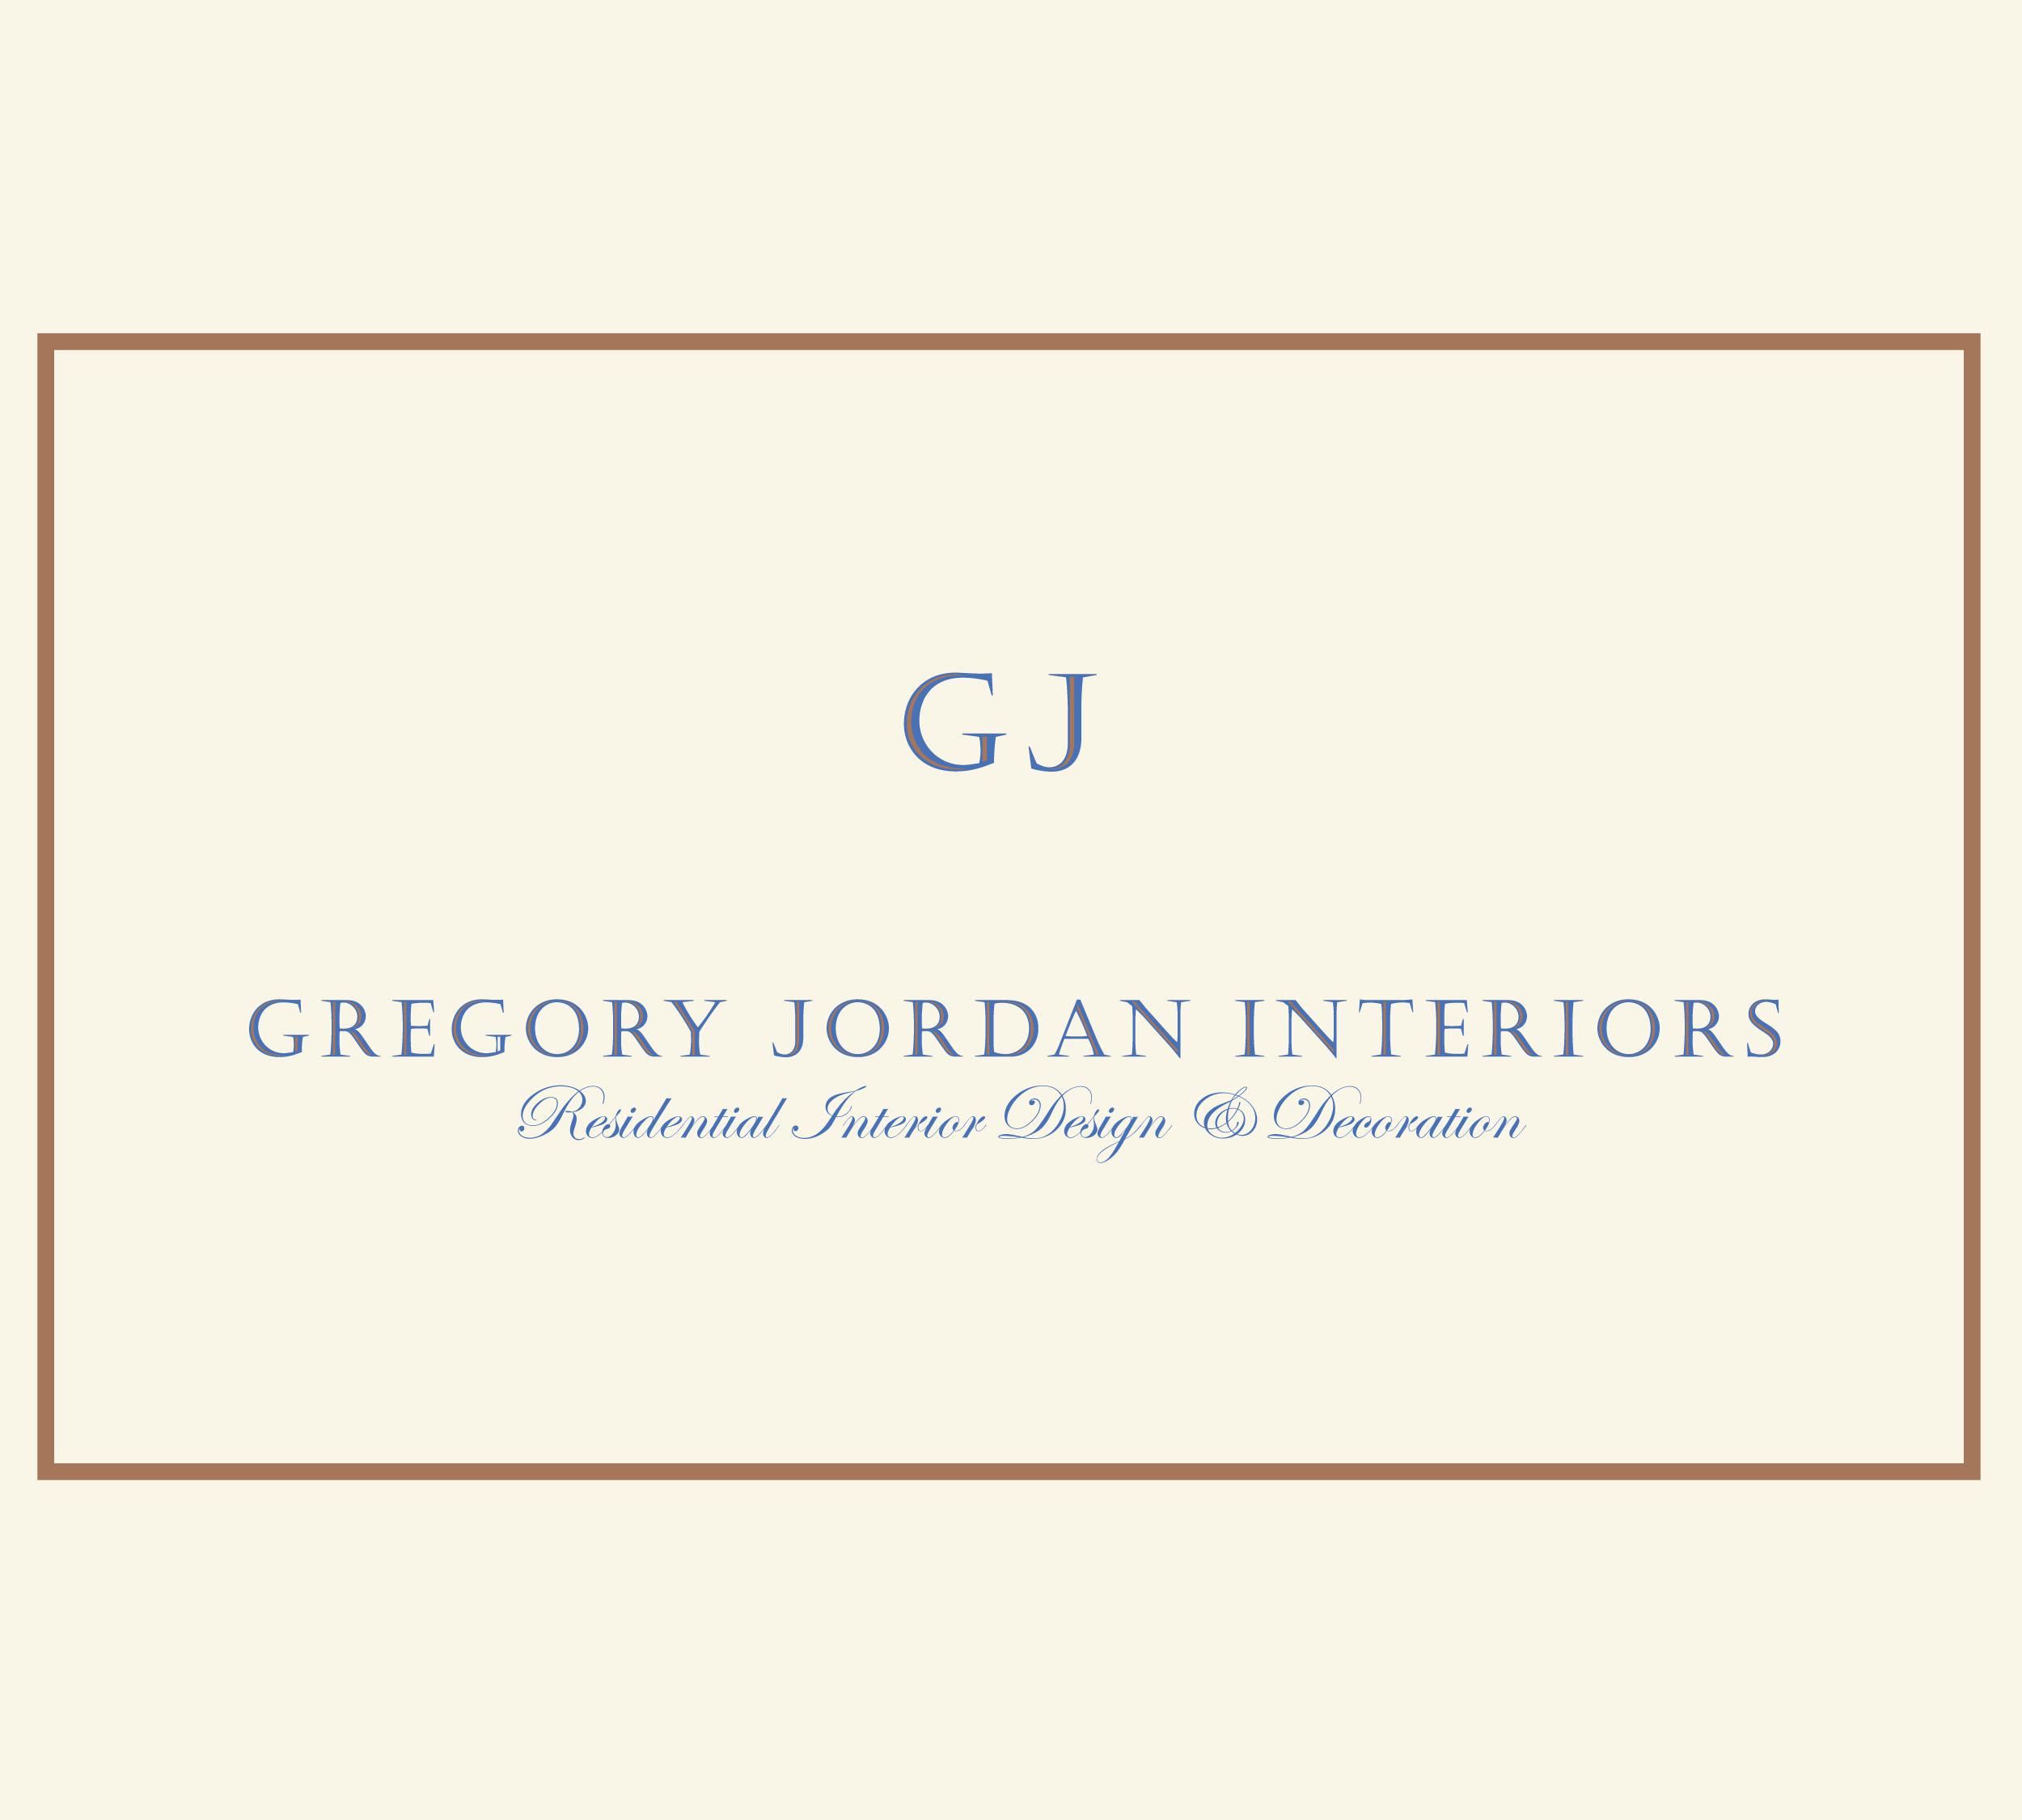 Gregory Jordan Interiors